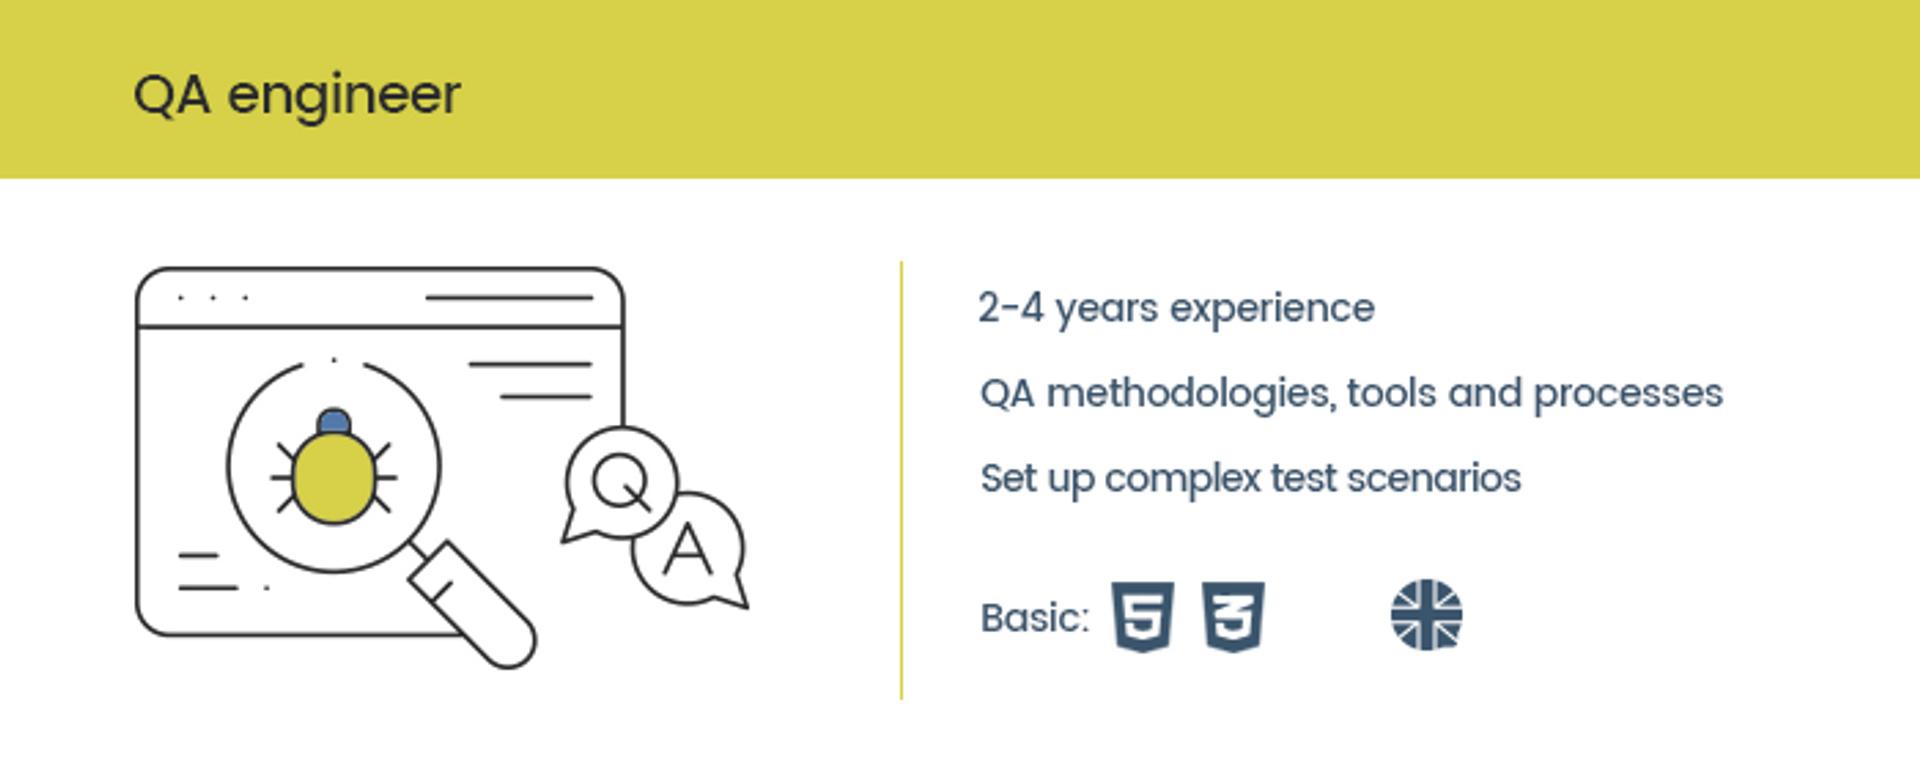 qa-engineer-bestjobs